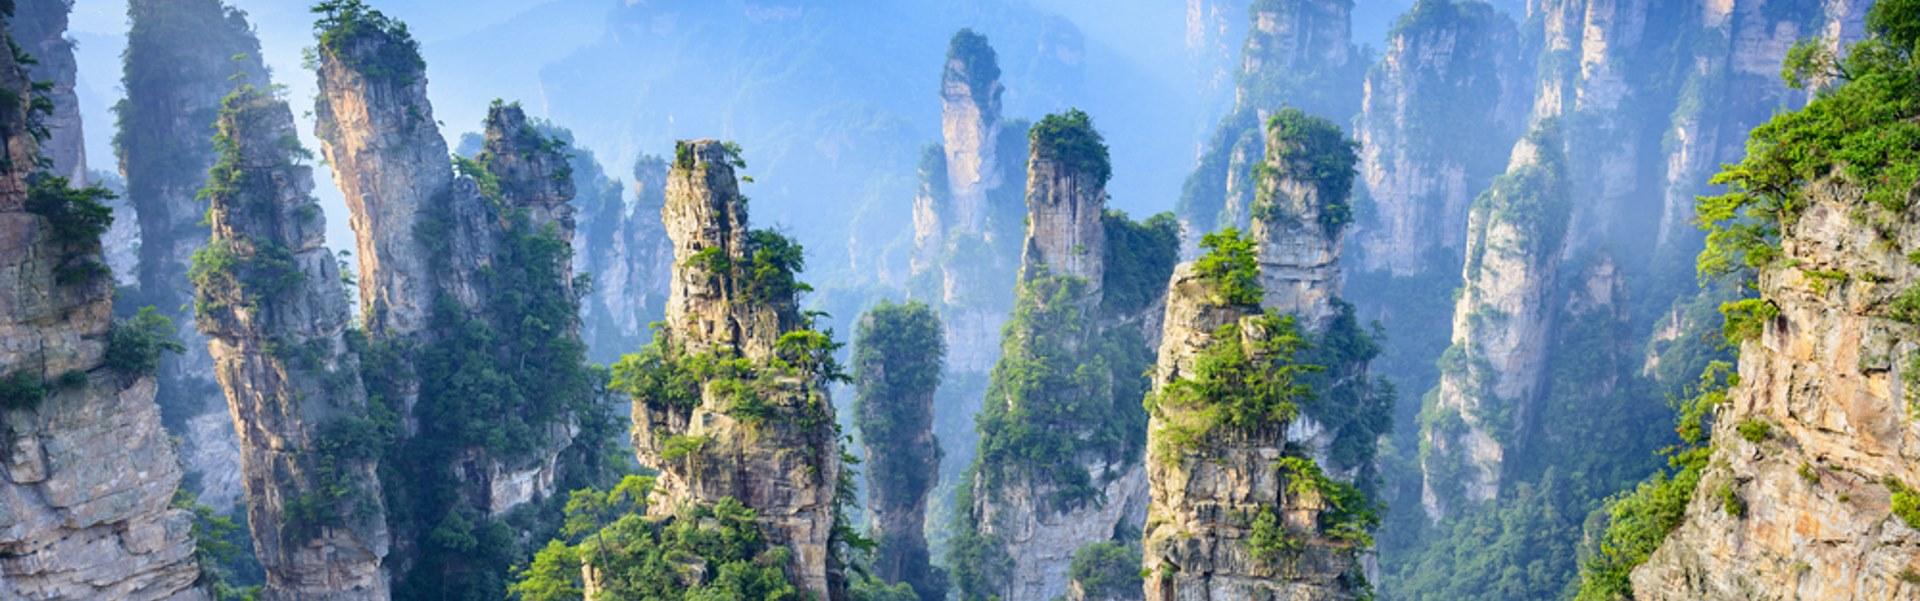 Towering pillars of Zhangjiajie National Forest Park China